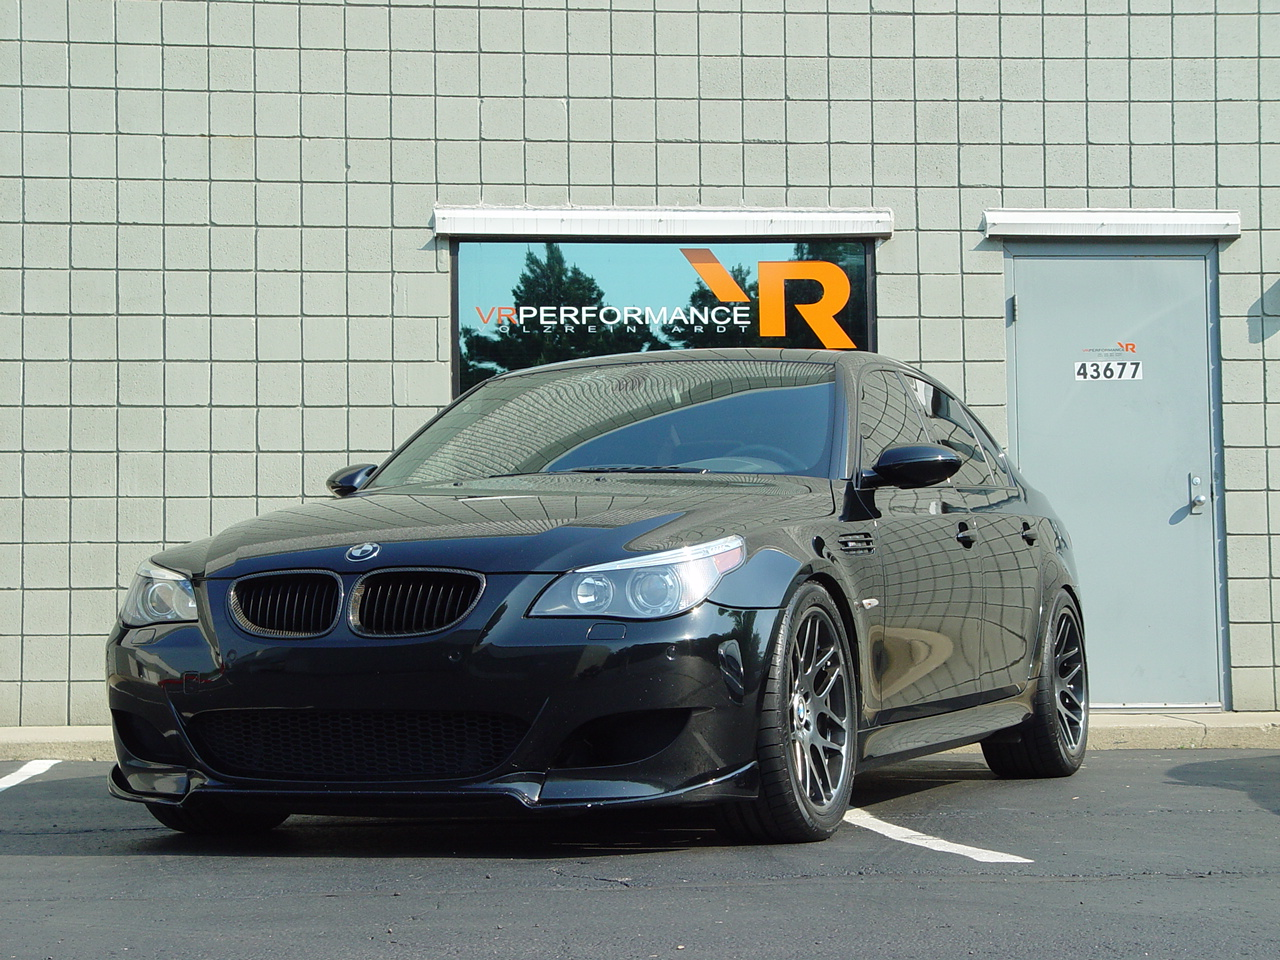 http://1.bp.blogspot.com/-Xj0cU1xQx-w/Tjrknam-sMI/AAAAAAAAARo/XR7Wn23F13g/s1600/12396-2006-BMW-M5.jpg